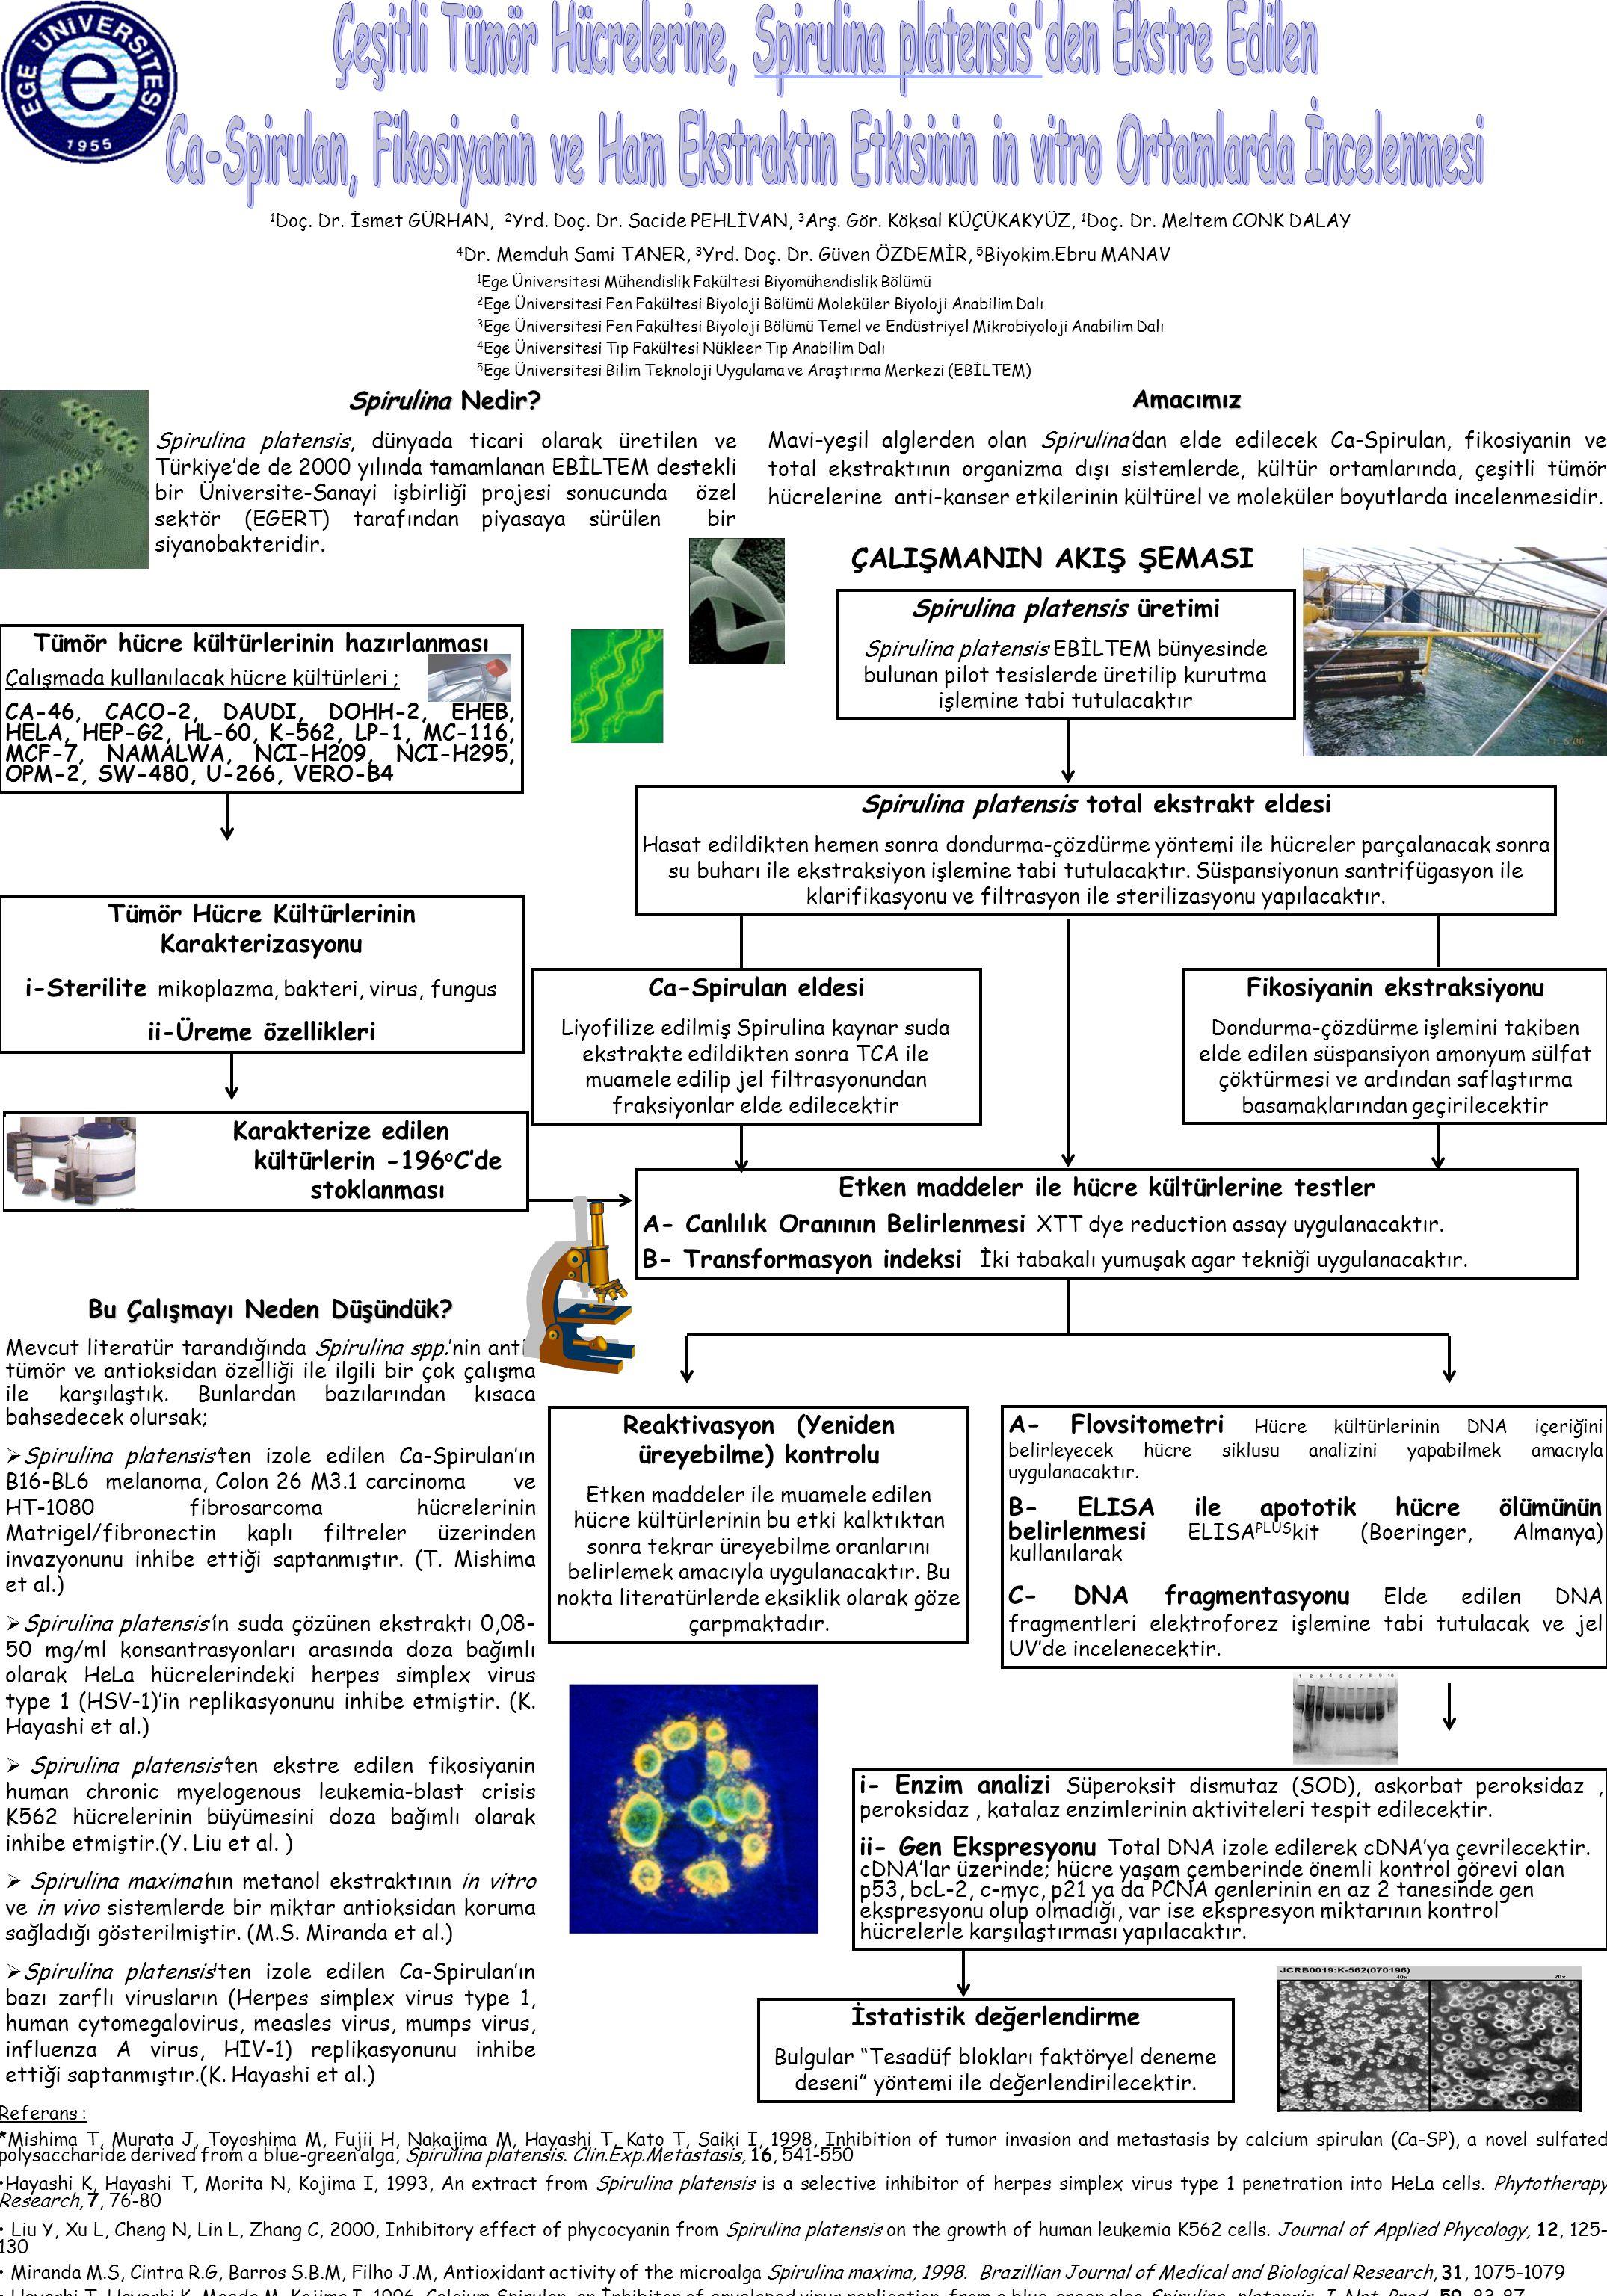 Çeşitli Tümör Hücrelerine, Spirulina platensis den Ekstre Edilen